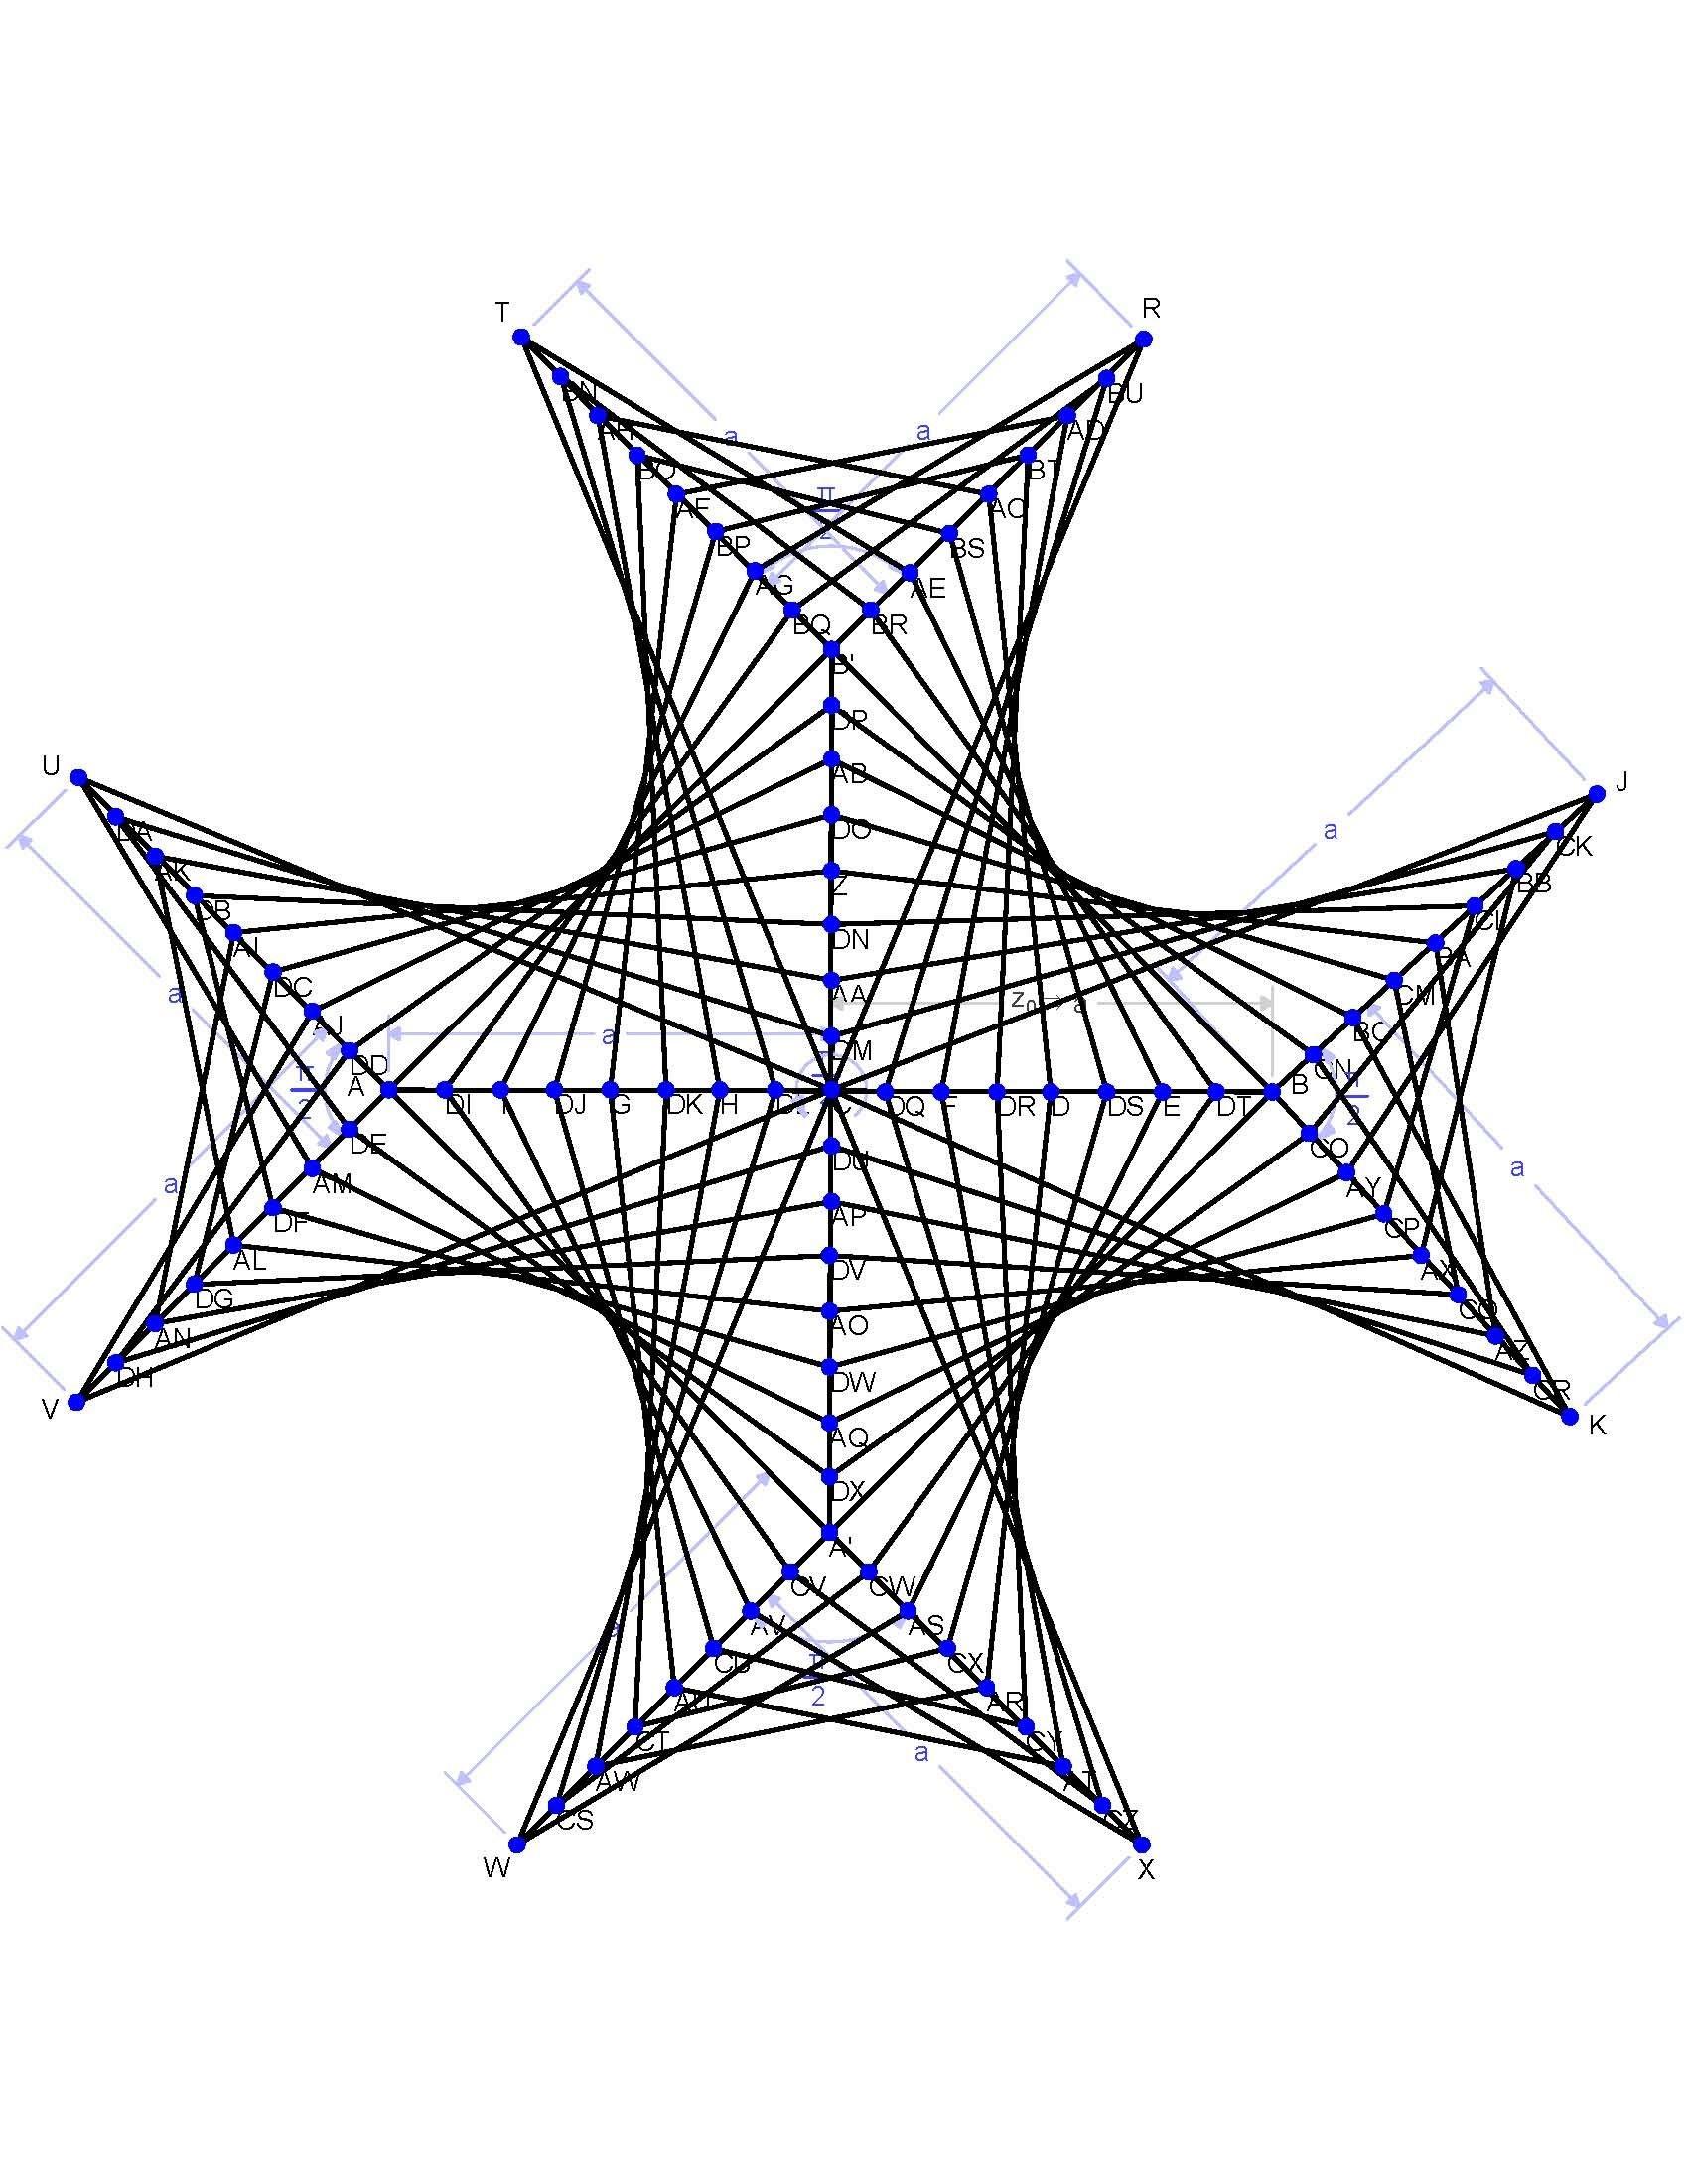 Free Printable String Art Patterns | String Art | Cards To Inspire - Free Printable String Art Patterns